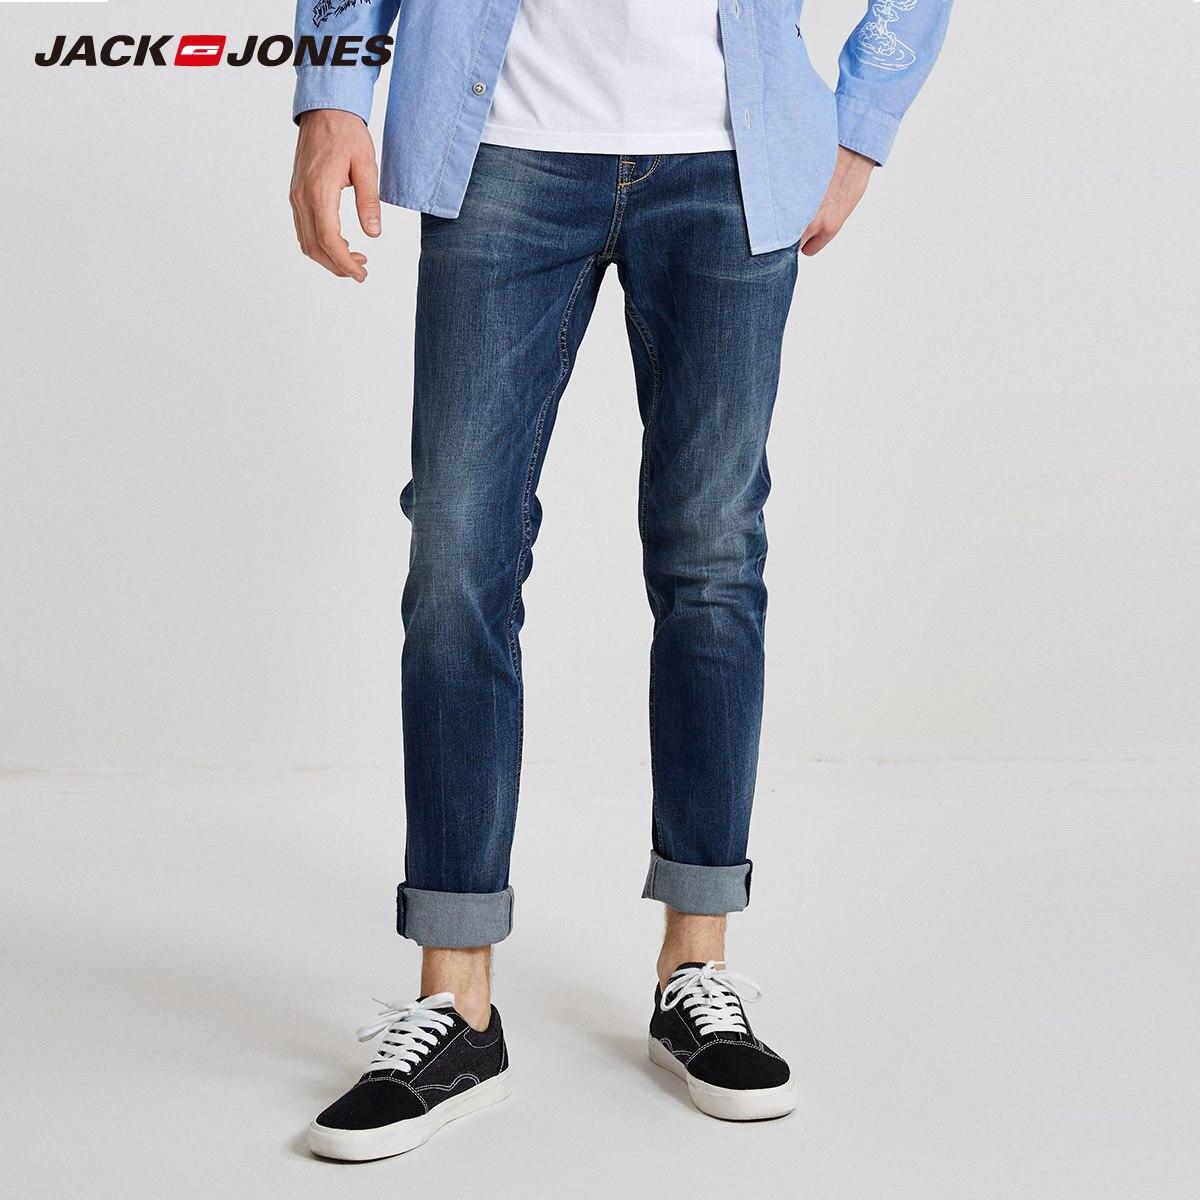 JackJones de invierno de los hombres se desvanece lavado vaqueros Slim negocios Casual clásico pantalones holgados pantalones de mezclilla   218332535  